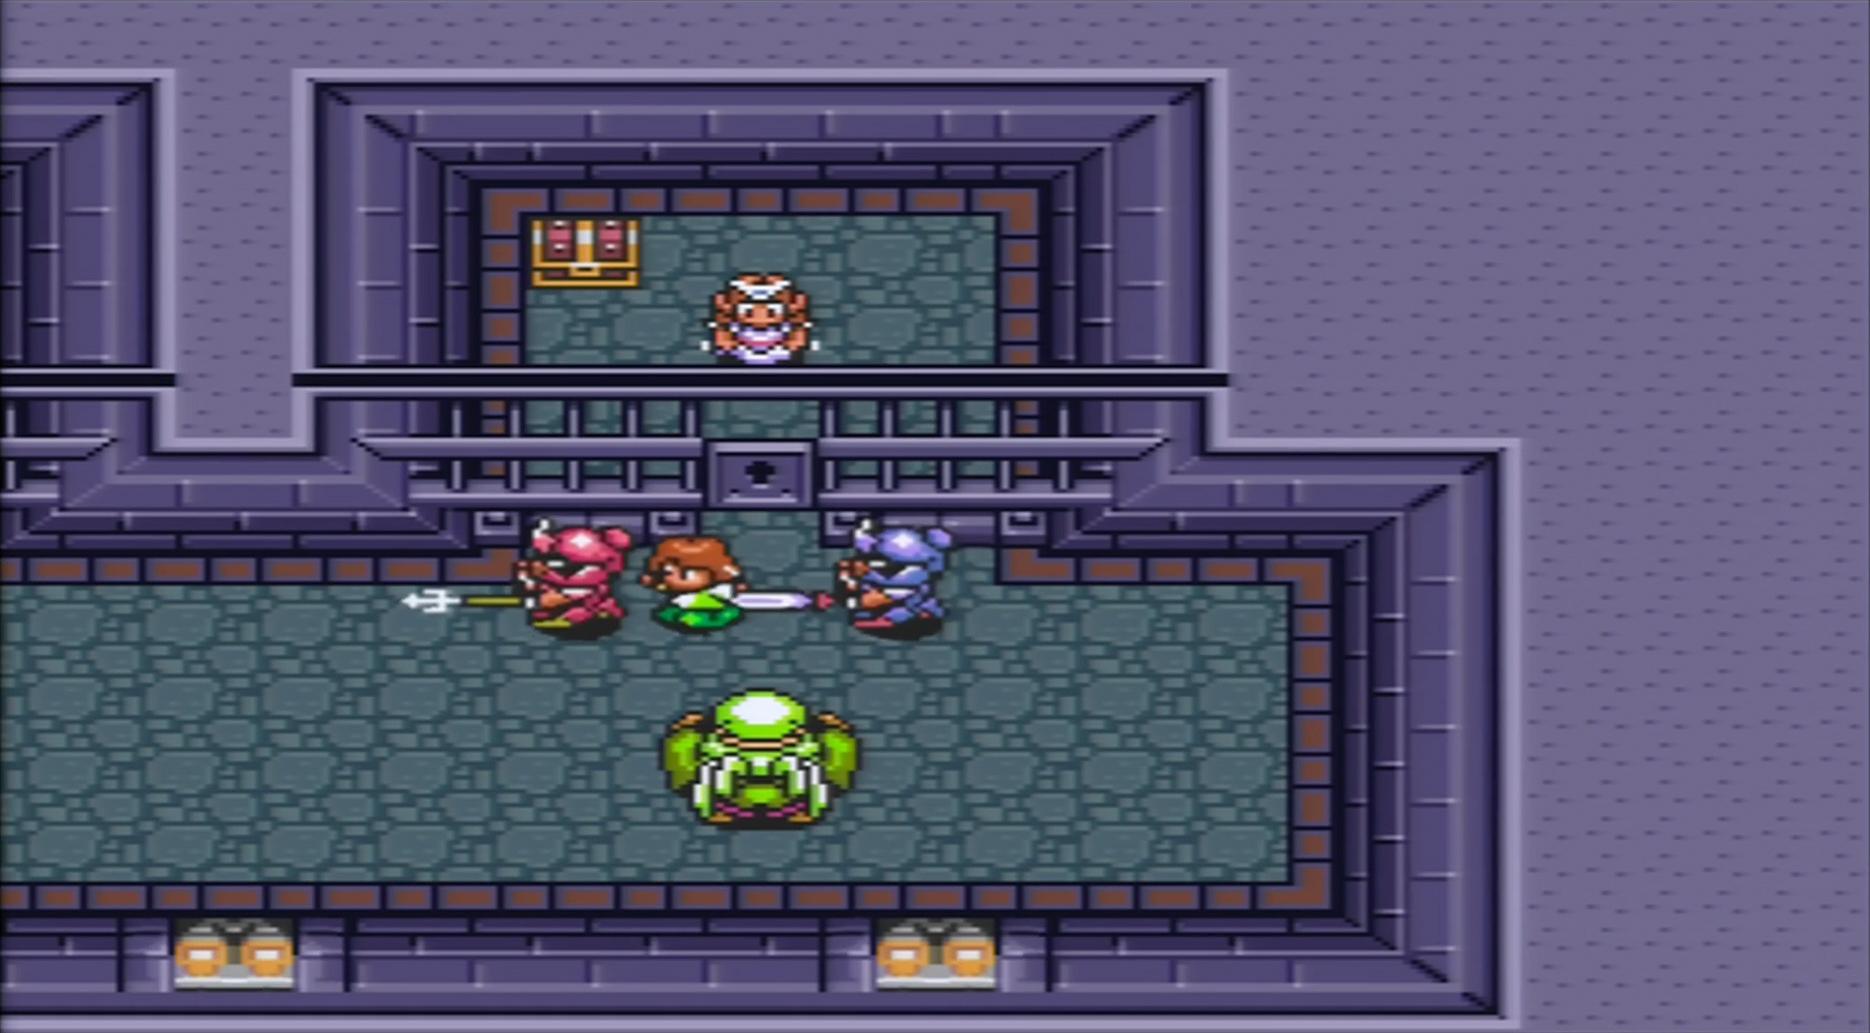 Copy of Legend of Zelda: HD Link for SNES